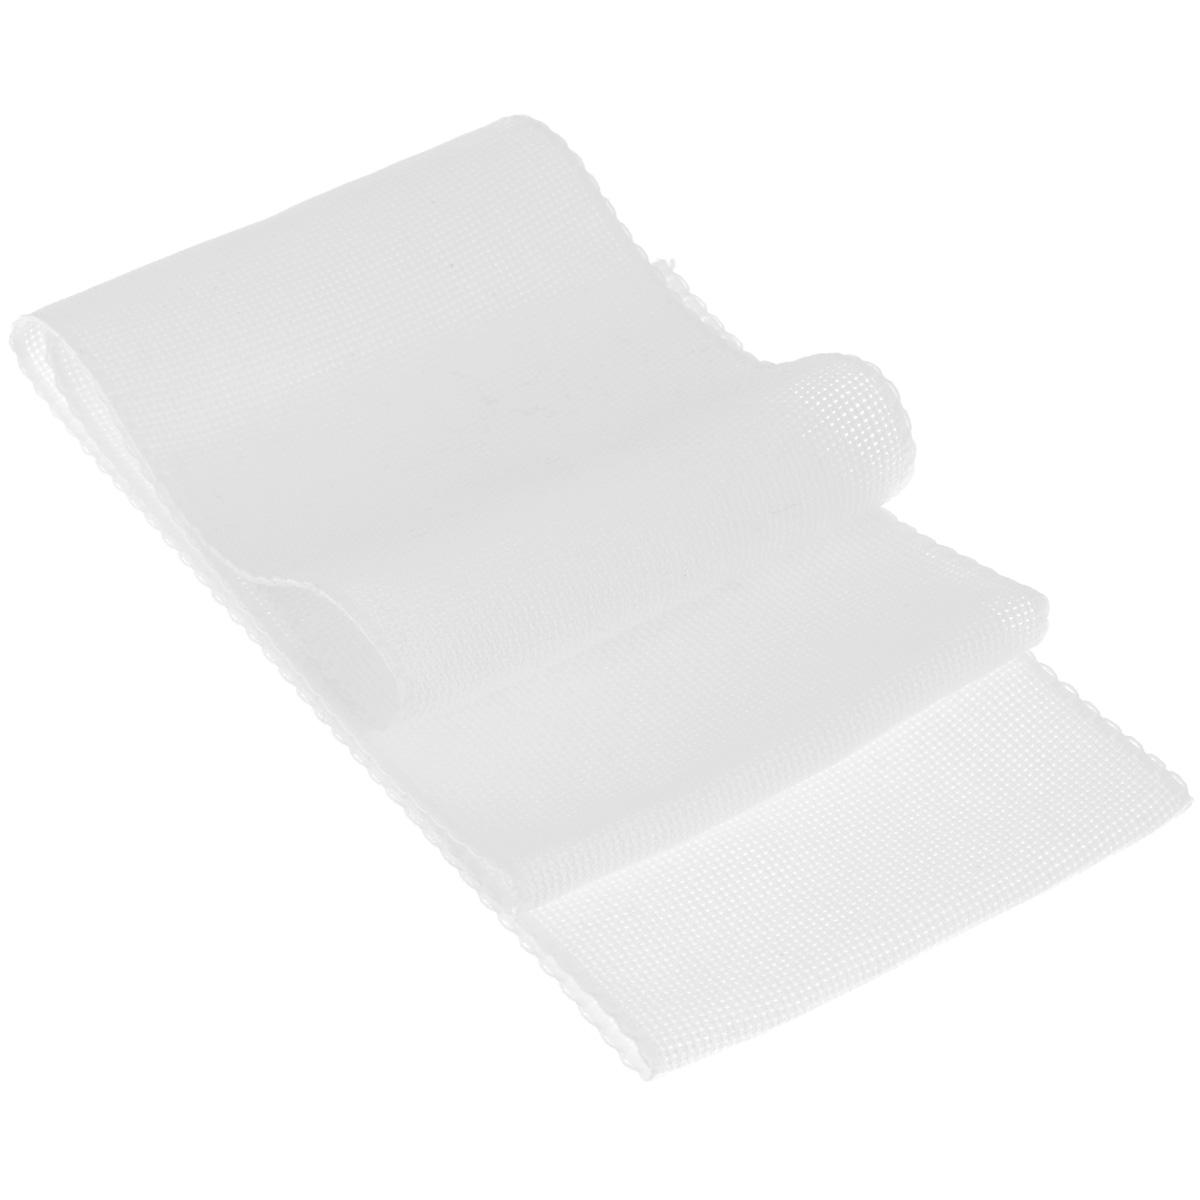 Основа для вышивания крестом или гладью Vaupel & Heilenbeck Aida 16, цвет: белый, 12 х 100 см510-120-1Основа Vaupel & Heilenbeck Aida 16 представляет собой канву для вышивания крестом или гладью, выполненную из 100% хлопка. Канву также можно использовать для других видов счетной вышивки. Изделие оформлено каймой. Вышитые работы используются в качестве украшения-бордюра для одежды, полотенец, наволочек, штор и прочих предметов интерьера. Канва, украшенная своими руками, дополнит интерьер любого помещения, а также сможет стать изысканным подарком для ваших друзей и близких. Выдерживает стирку при температуре 40°С.